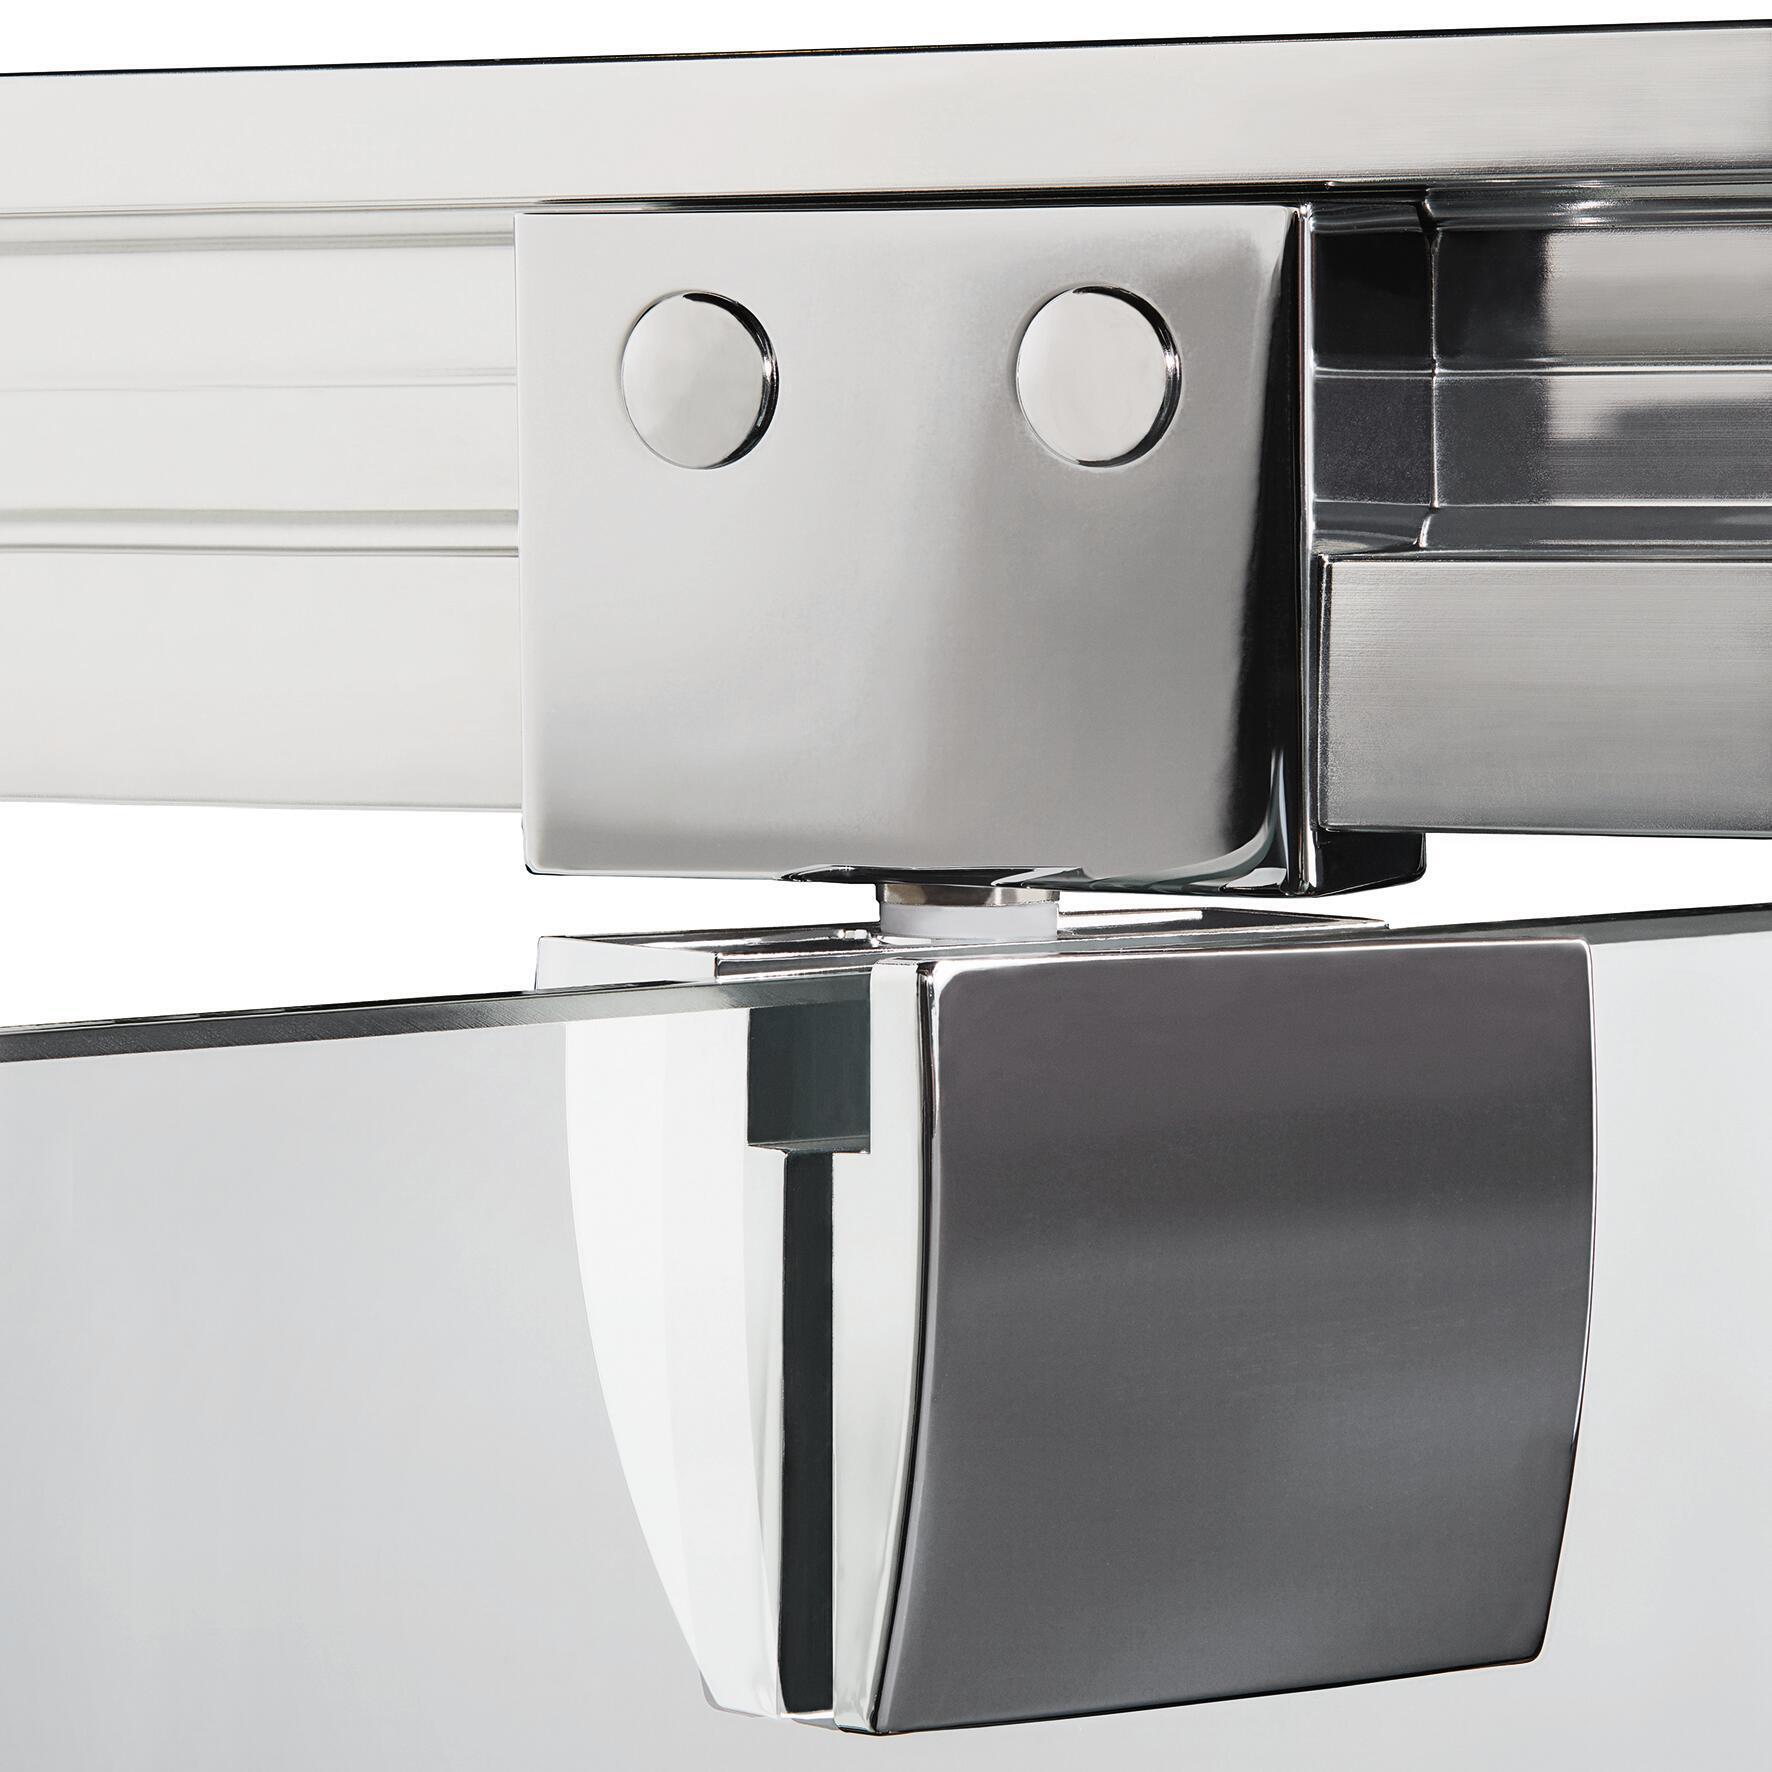 Box doccia rettangolare battente Quad 70 x 80 cm, H 190 cm in vetro temprato, spessore 6 mm trasparente argento - 6